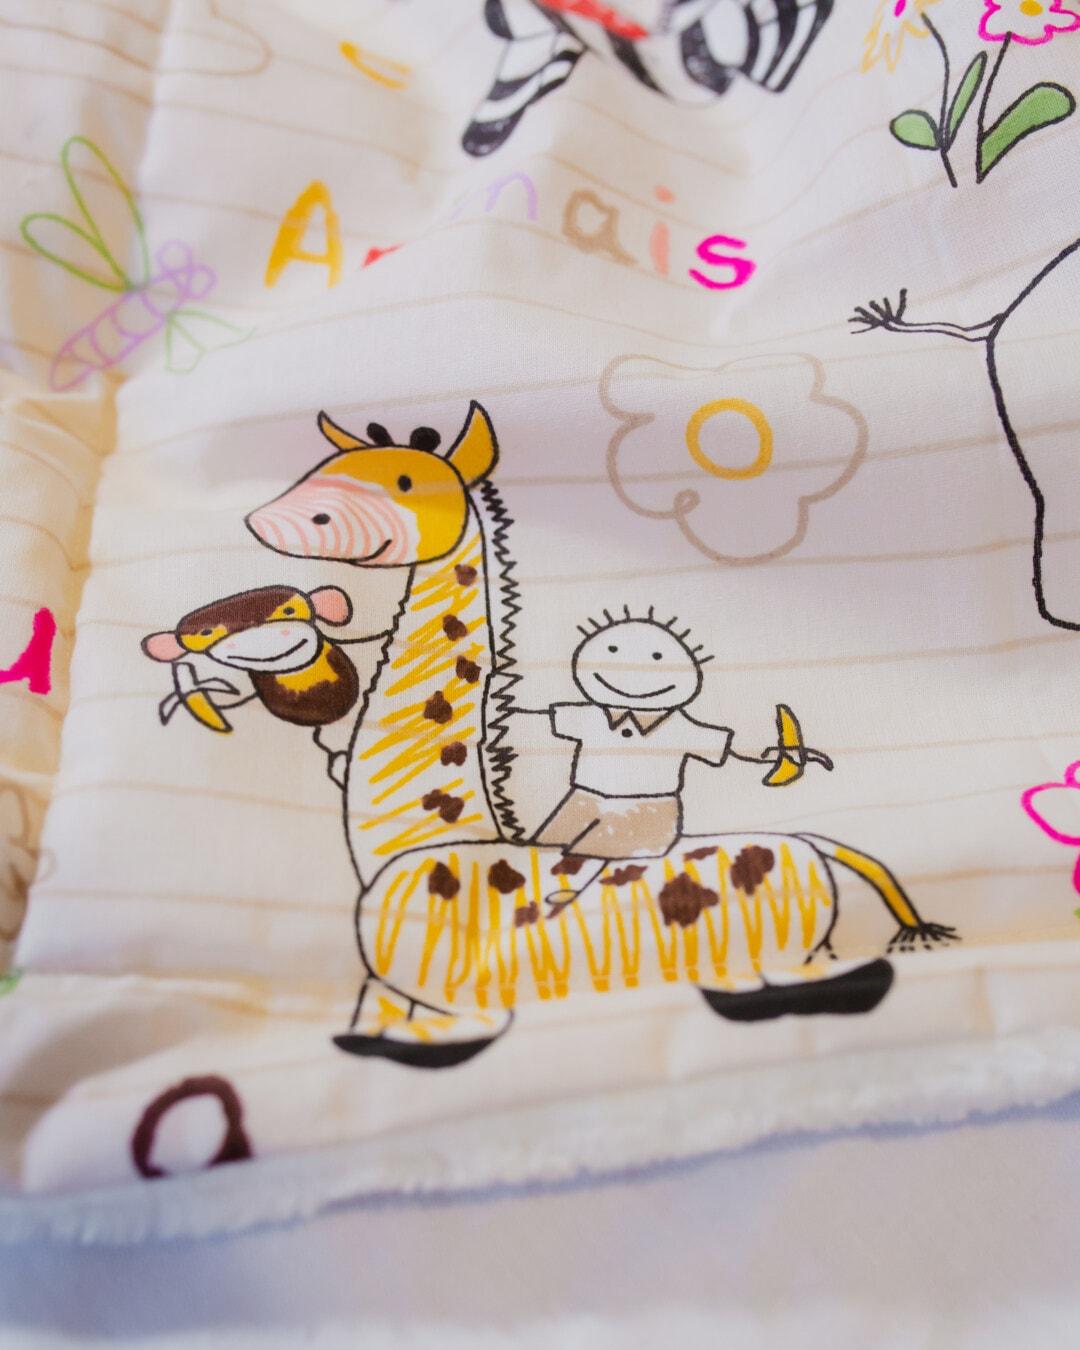 dessin animé, textile, texture, drôle, girafe, conception, illustration, amusement, art, mignon